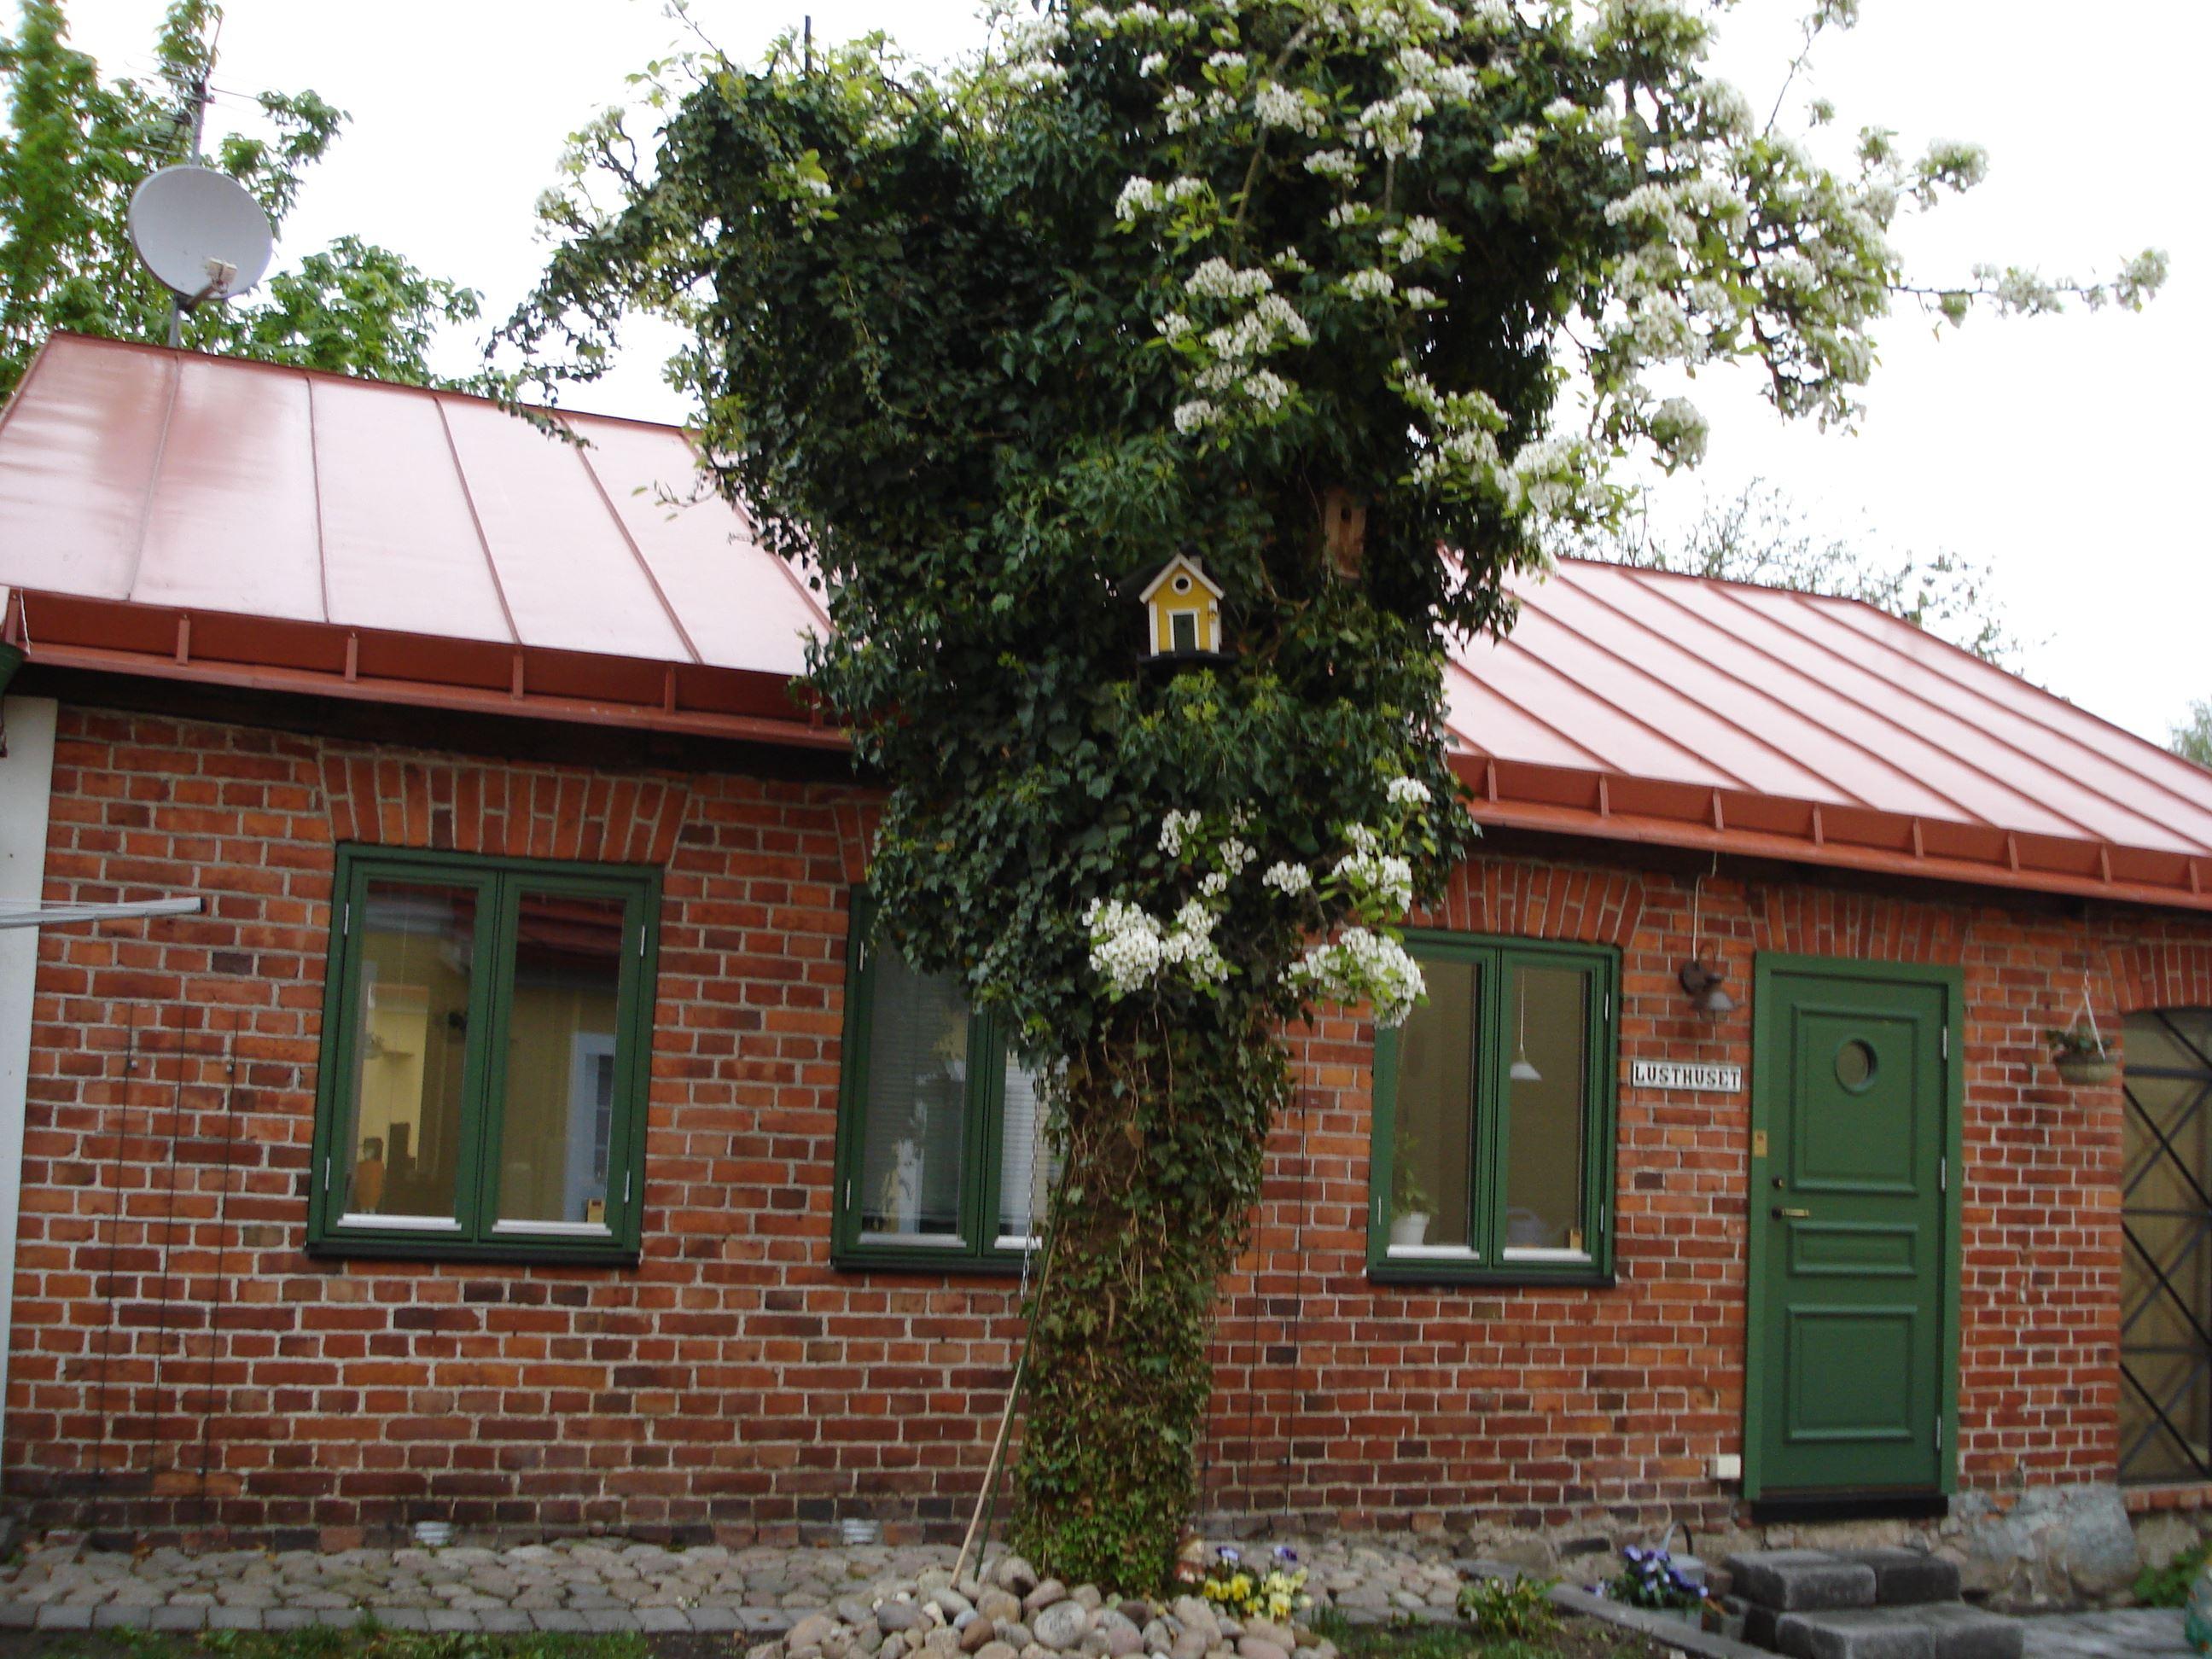 Gartenhaus mit 6 Betten - Sölvesborg